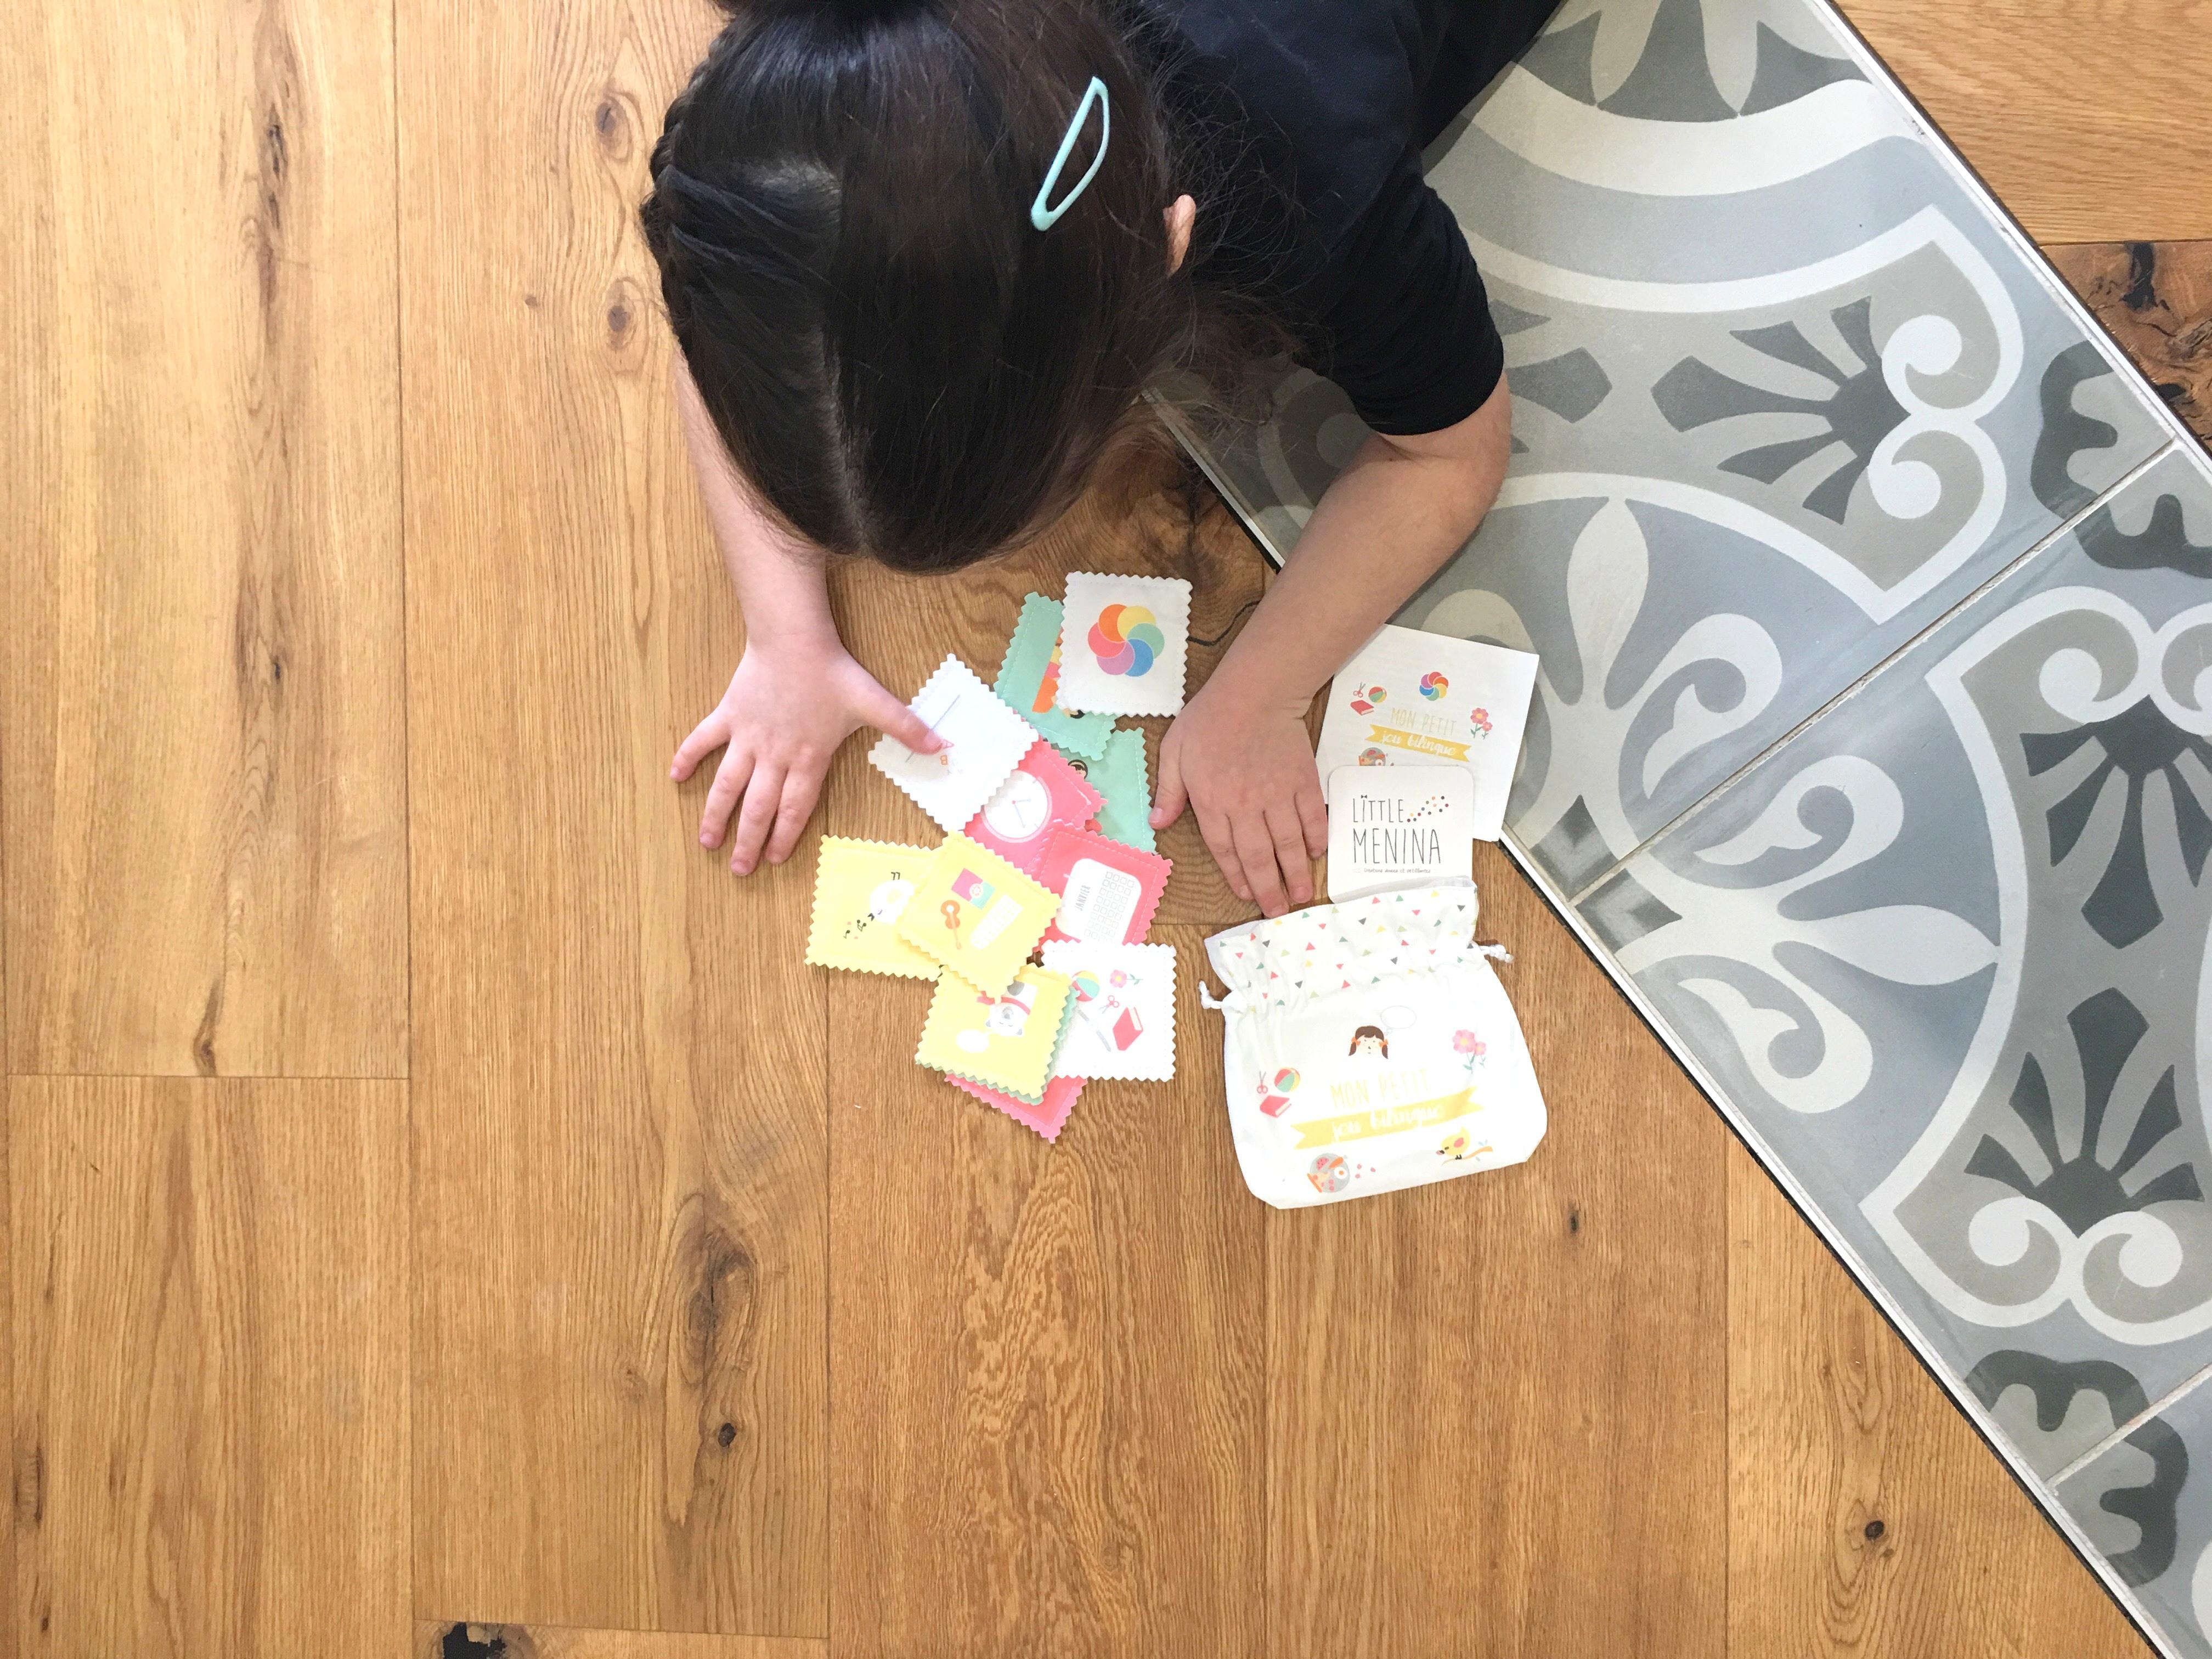 Mi juego bilingüe de Little Menina